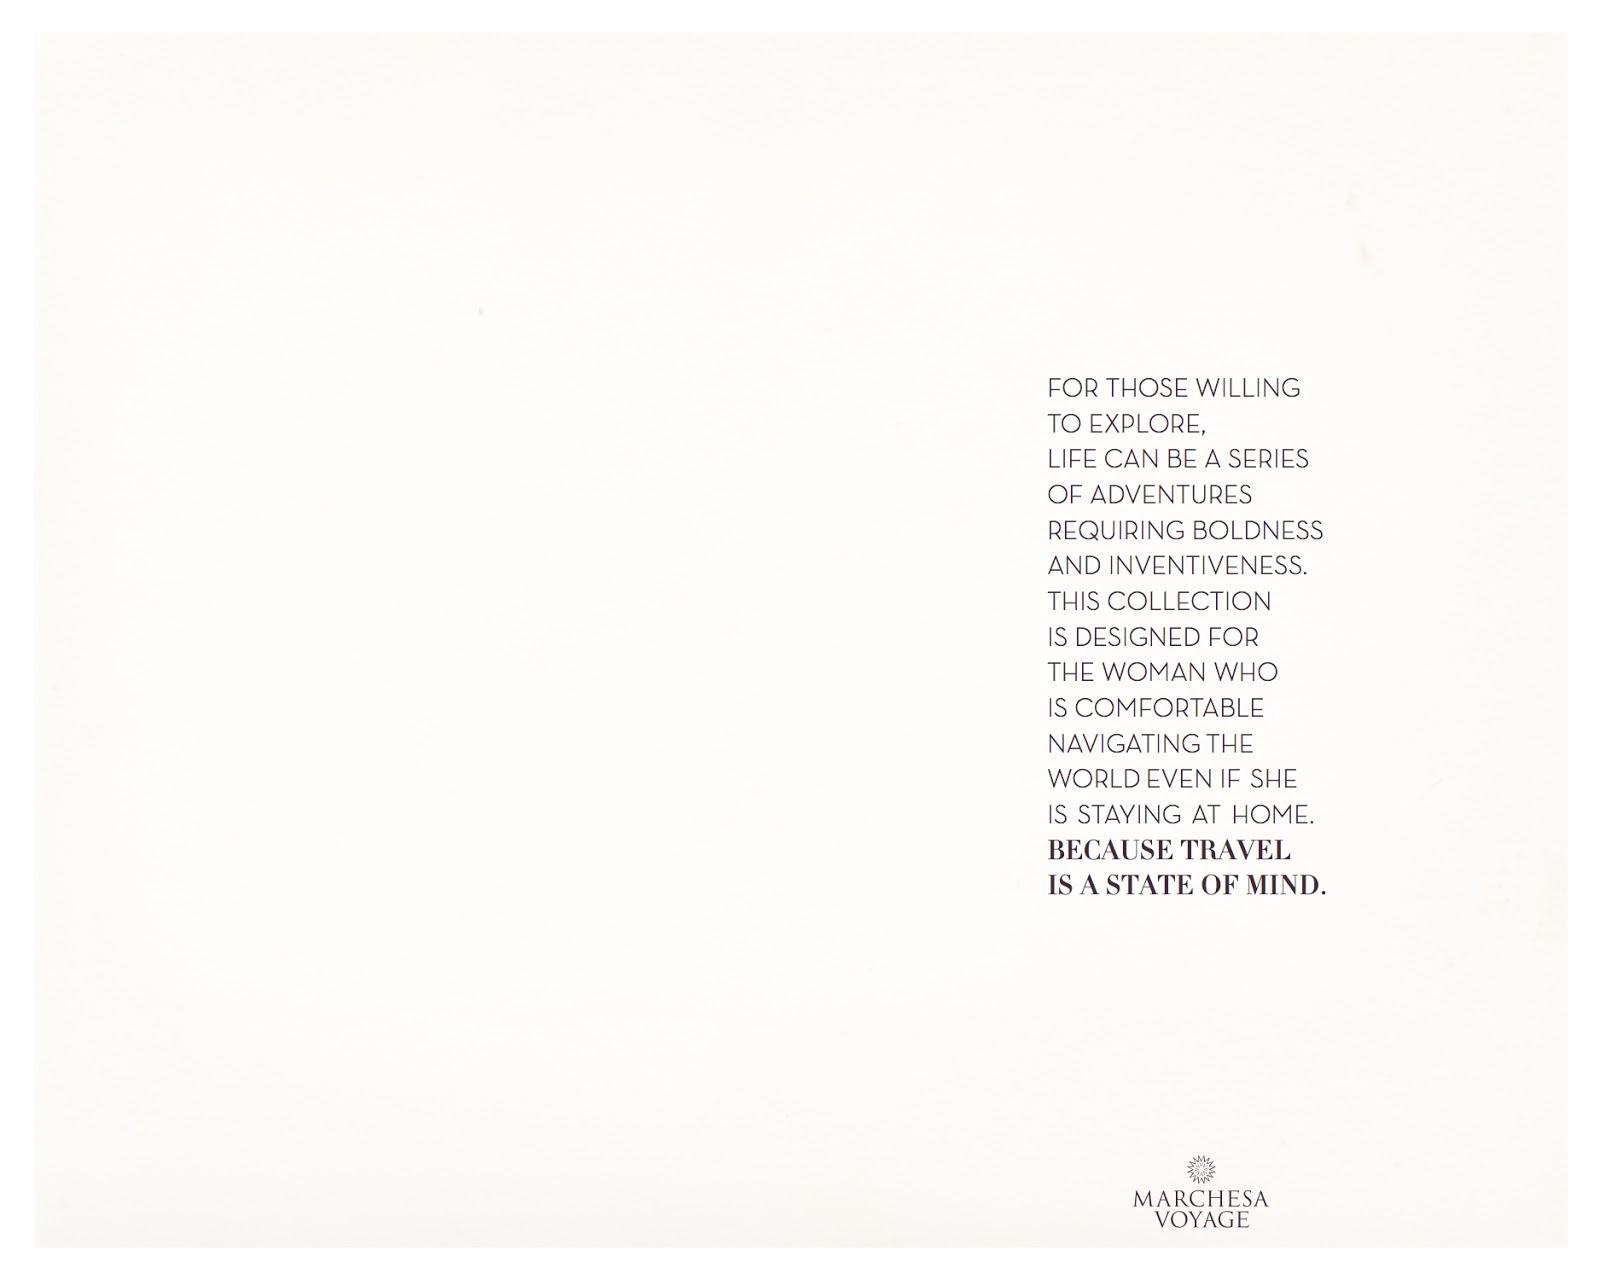 Marchesa voyage brand statement